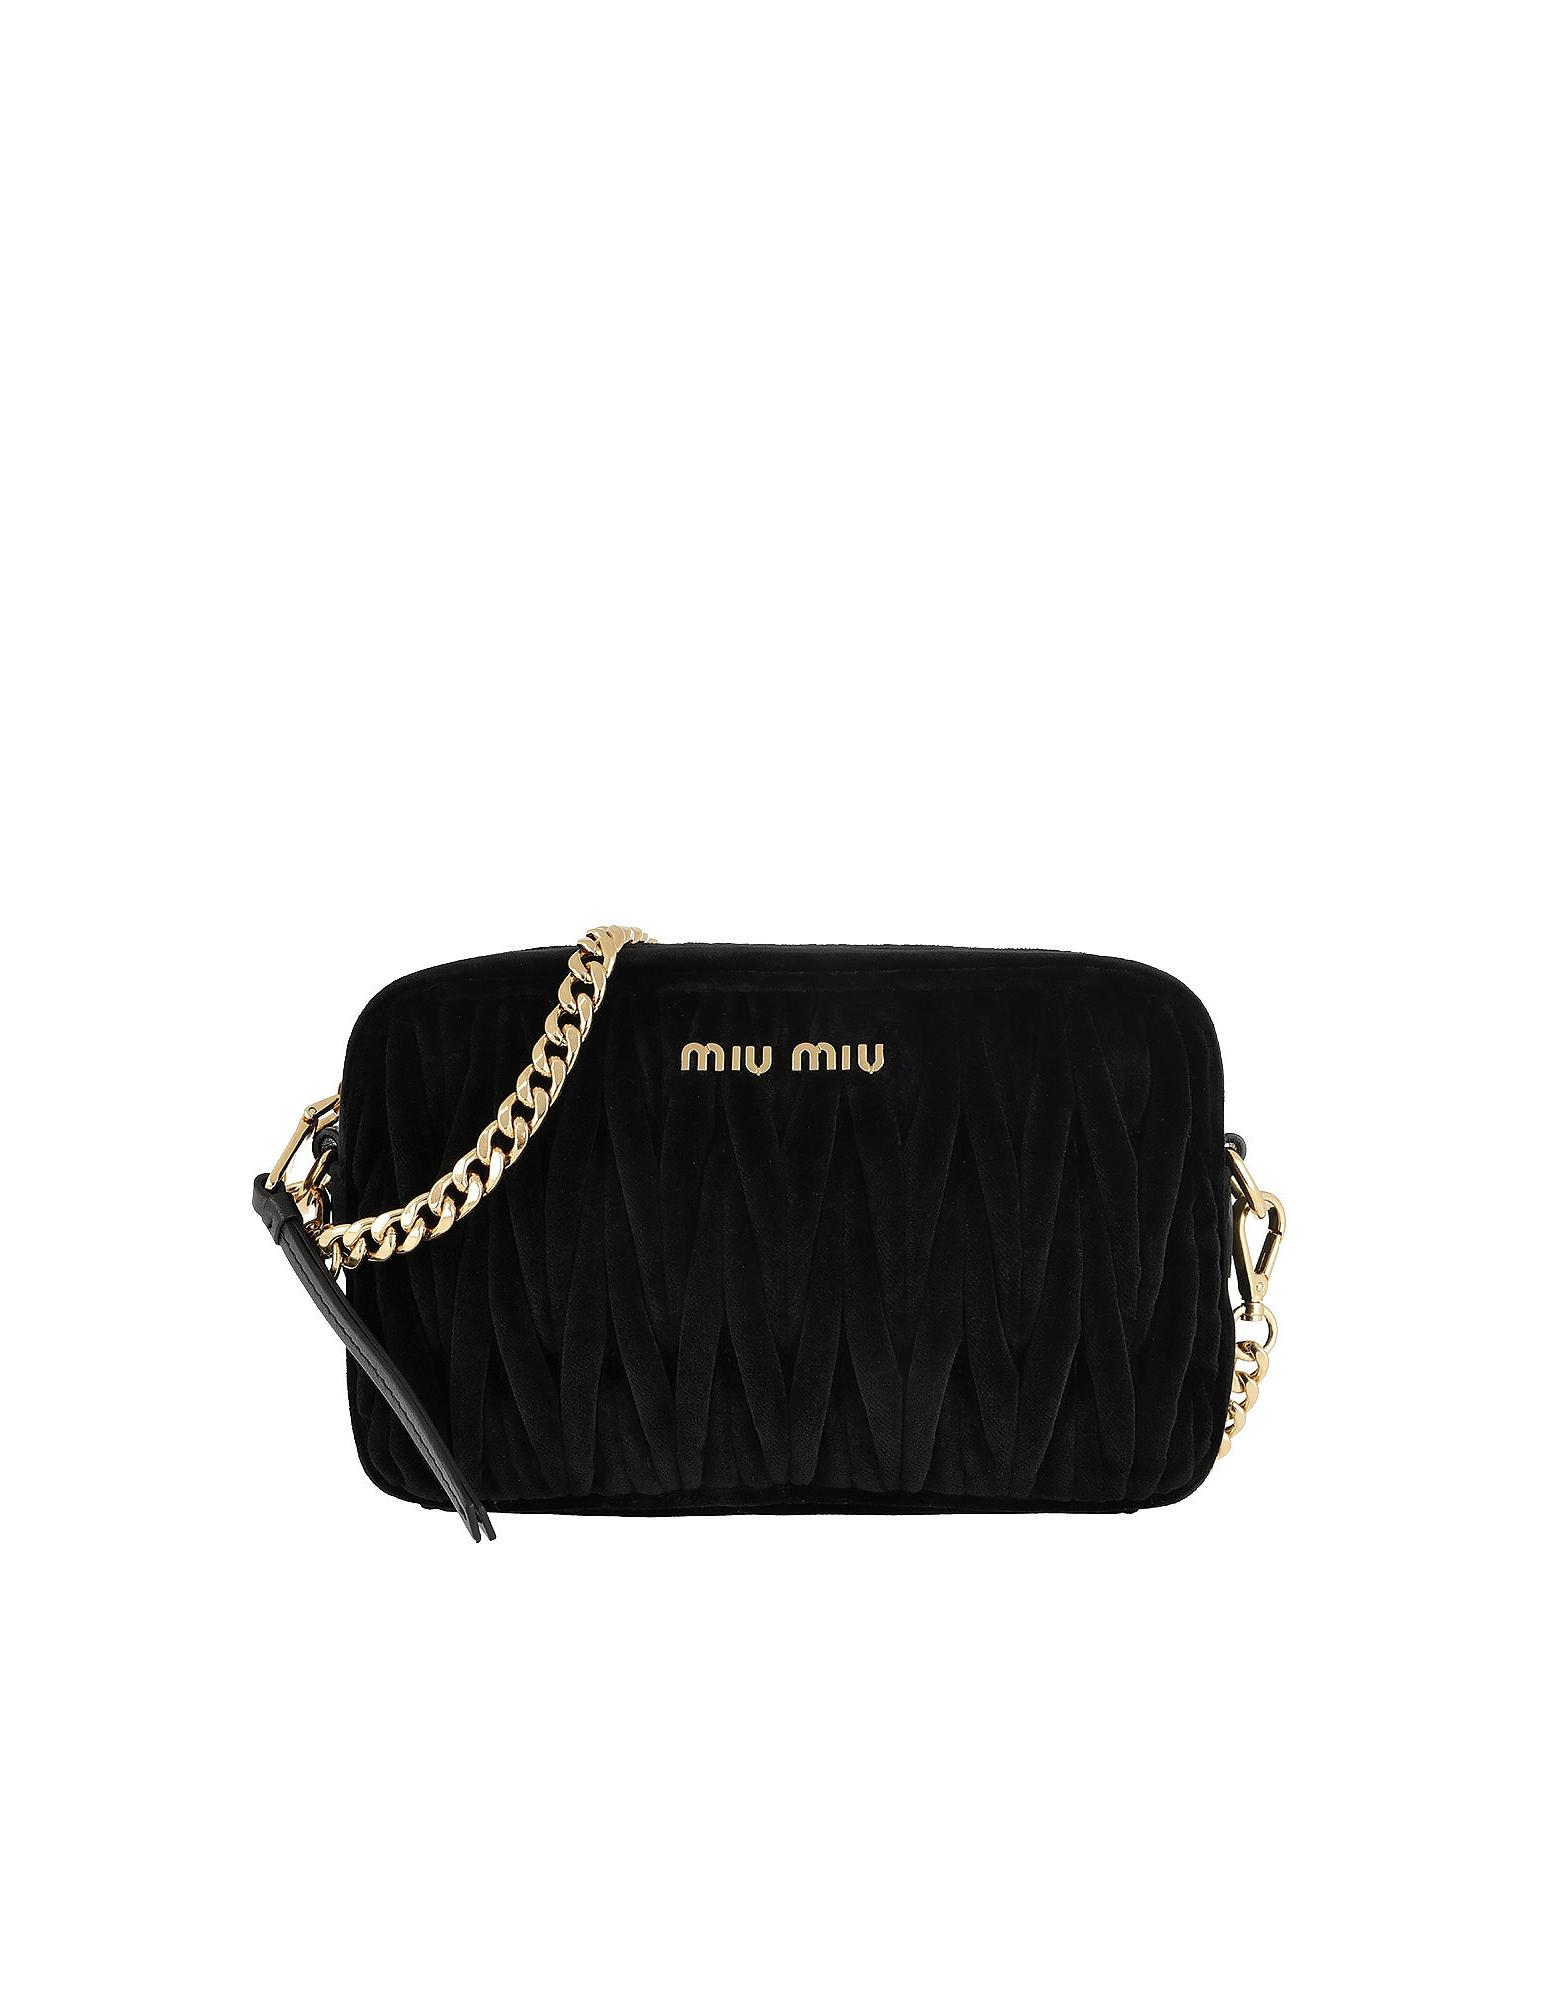 8db055965119 Miu Miu - Matelassé Shoulder Bag Velvet Black - Lyst. View fullscreen